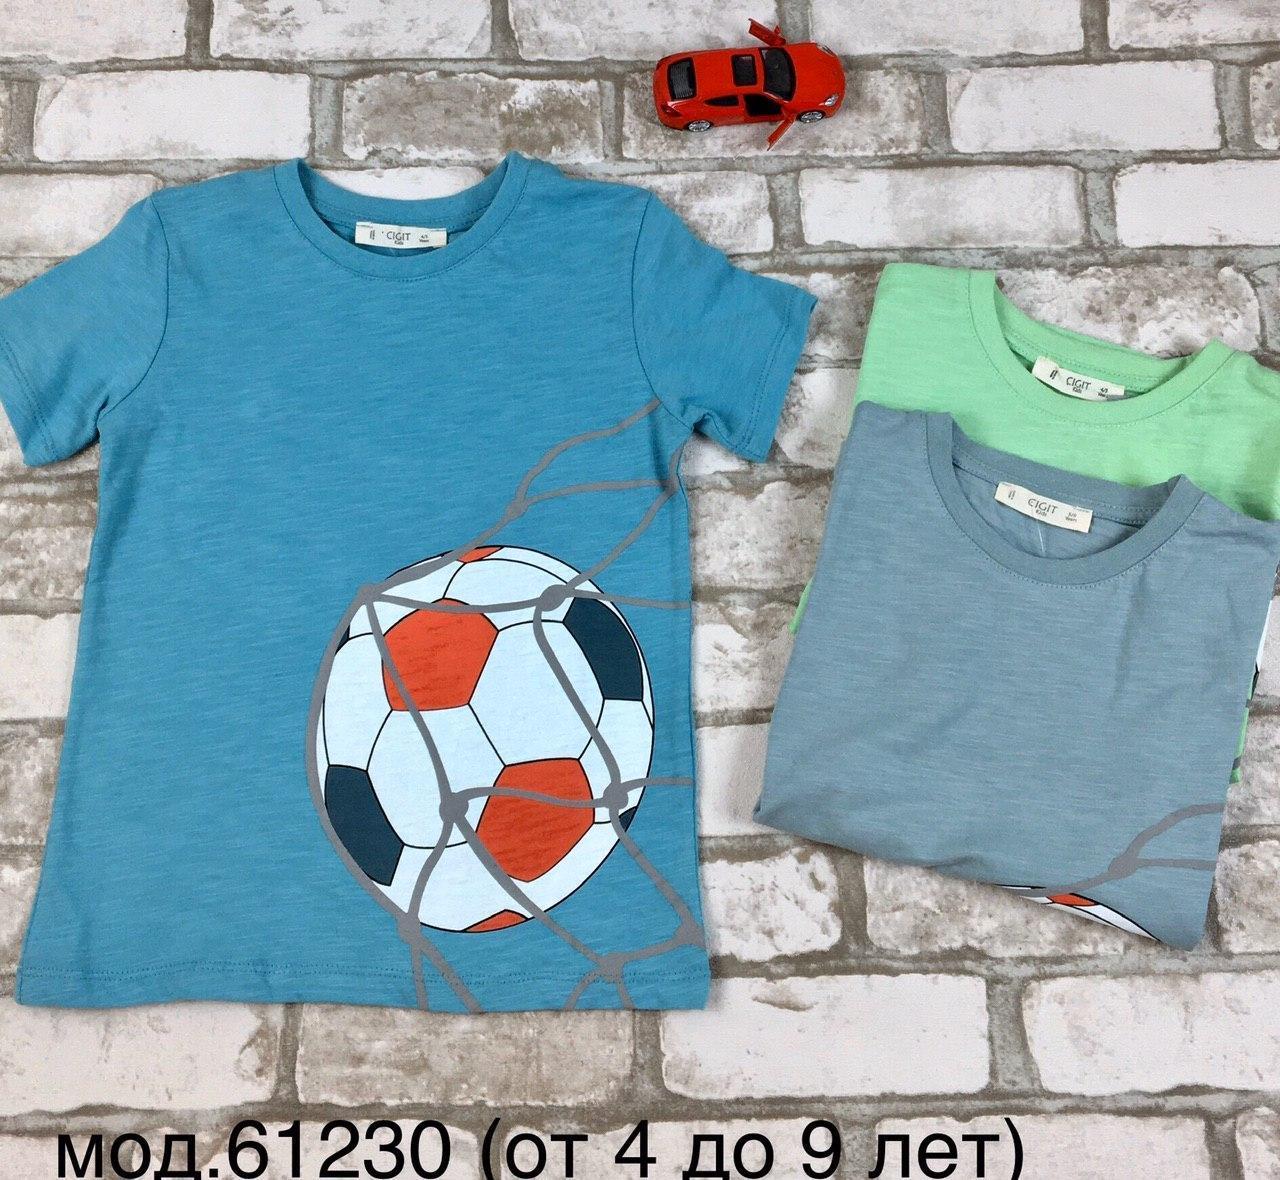 Футболка детская Cigit